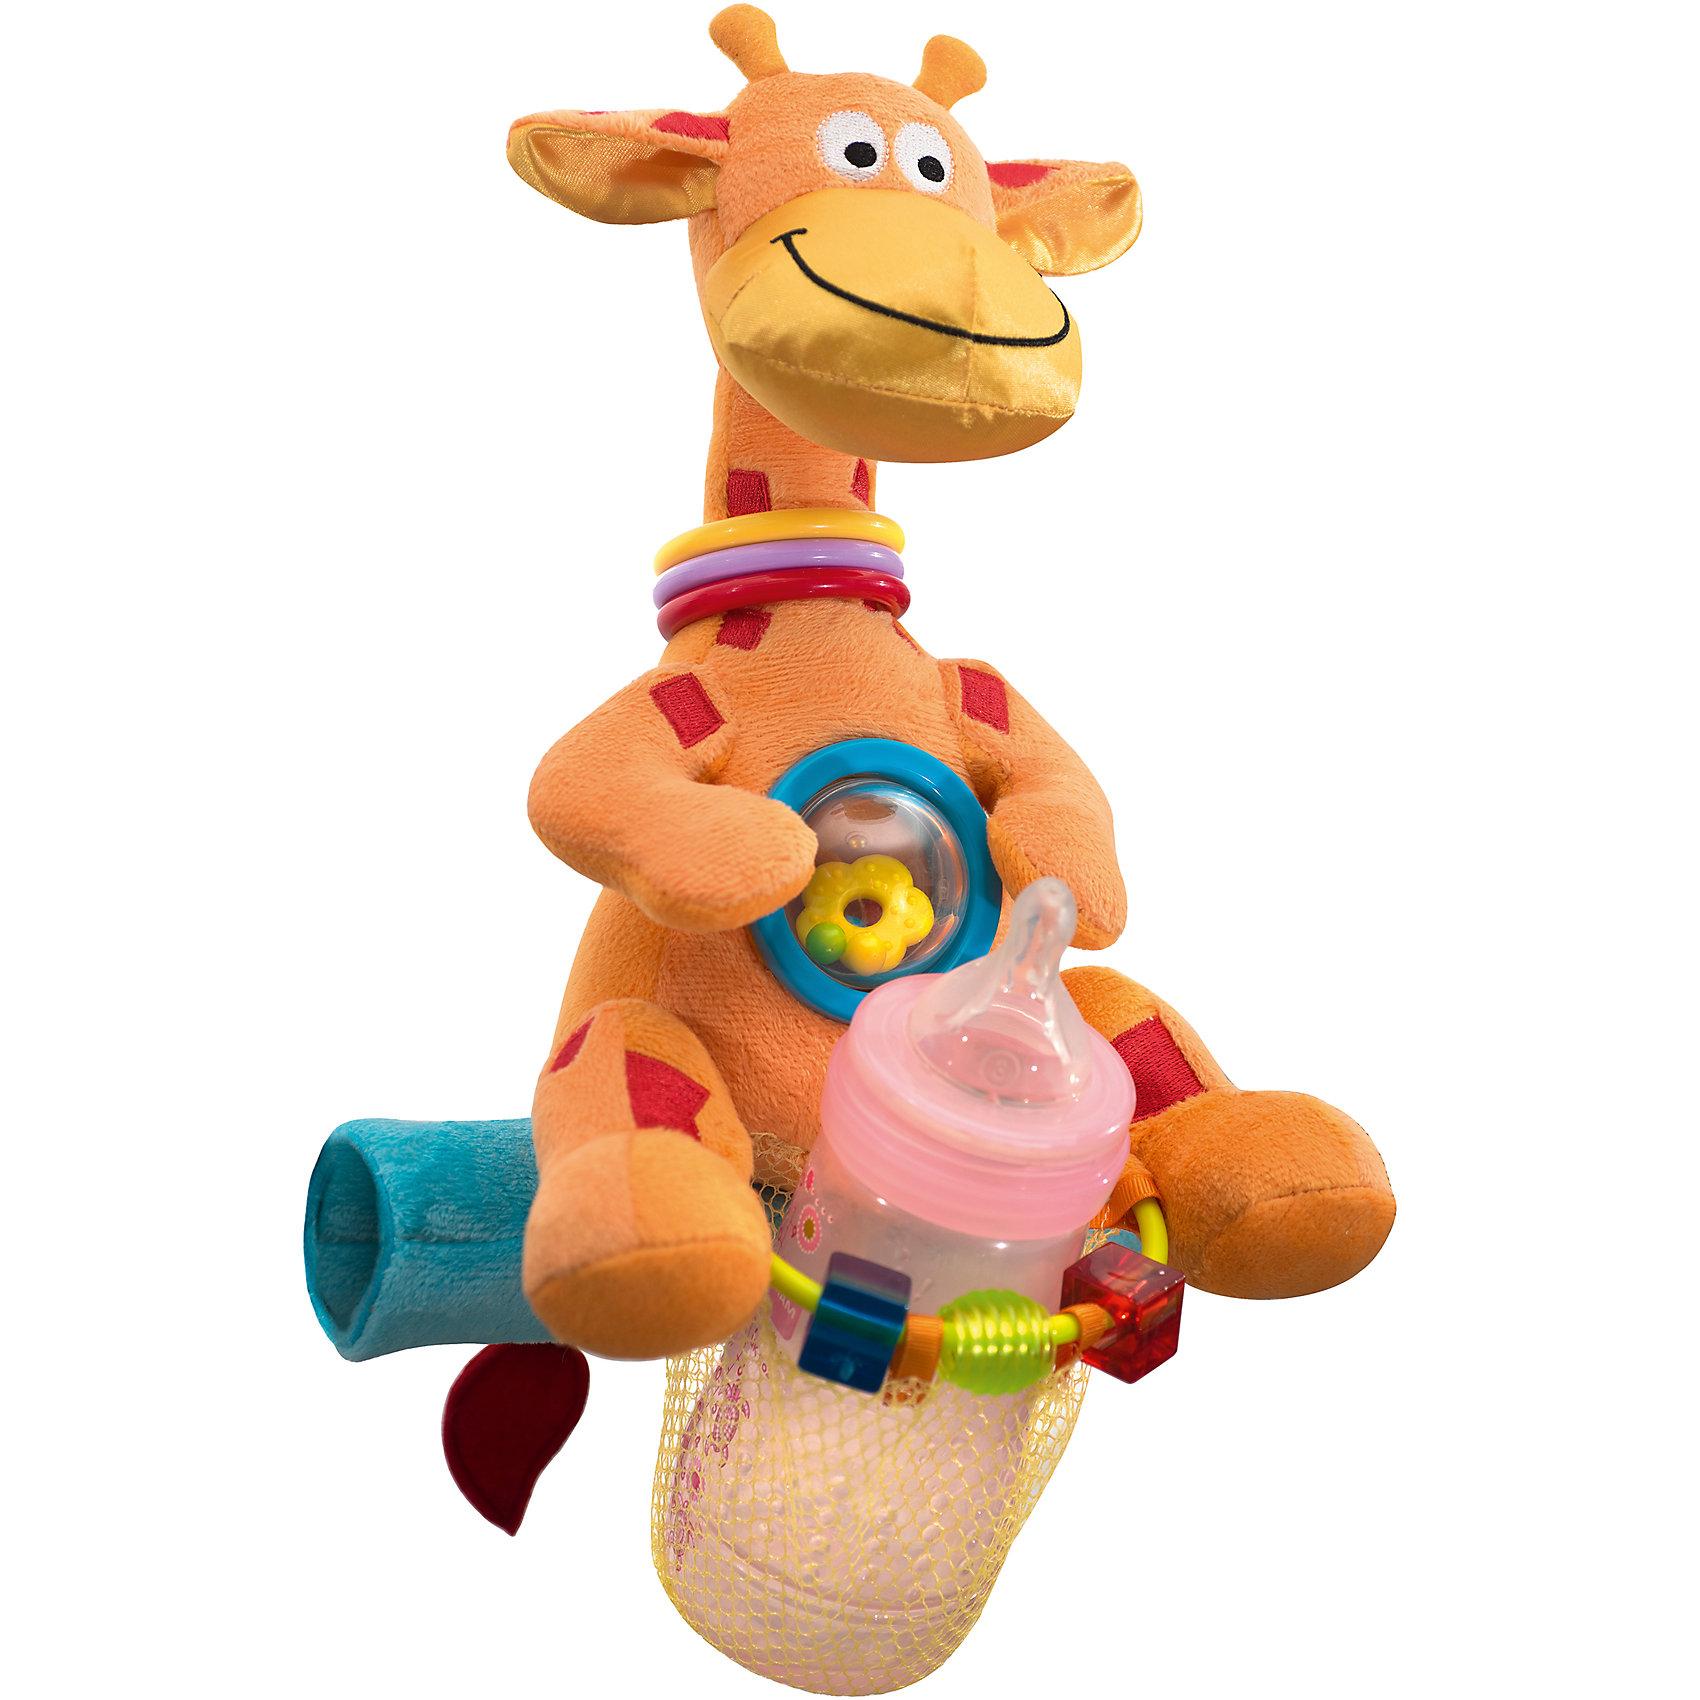 Мультиигрушка для коляски Жираф,  WeeWiseПодвески<br>Мультиигрушка легко устанавливается на большинстве прогулочных детских колясок. Специальный фиксатор позволяет разместить на ней  детскую бутылочку , мультиигрушка снабжена  различными погремушками и  фигурками. Мультиигрушка способствует развитию зрительного, слухового и тактильного восприятия ребенка, а также тренирует мелкую моторику<br><br>Ширина мм: 440<br>Глубина мм: 225<br>Высота мм: 330<br>Вес г: 278<br>Возраст от месяцев: 6<br>Возраст до месяцев: 8<br>Пол: Унисекс<br>Возраст: Детский<br>SKU: 4443042